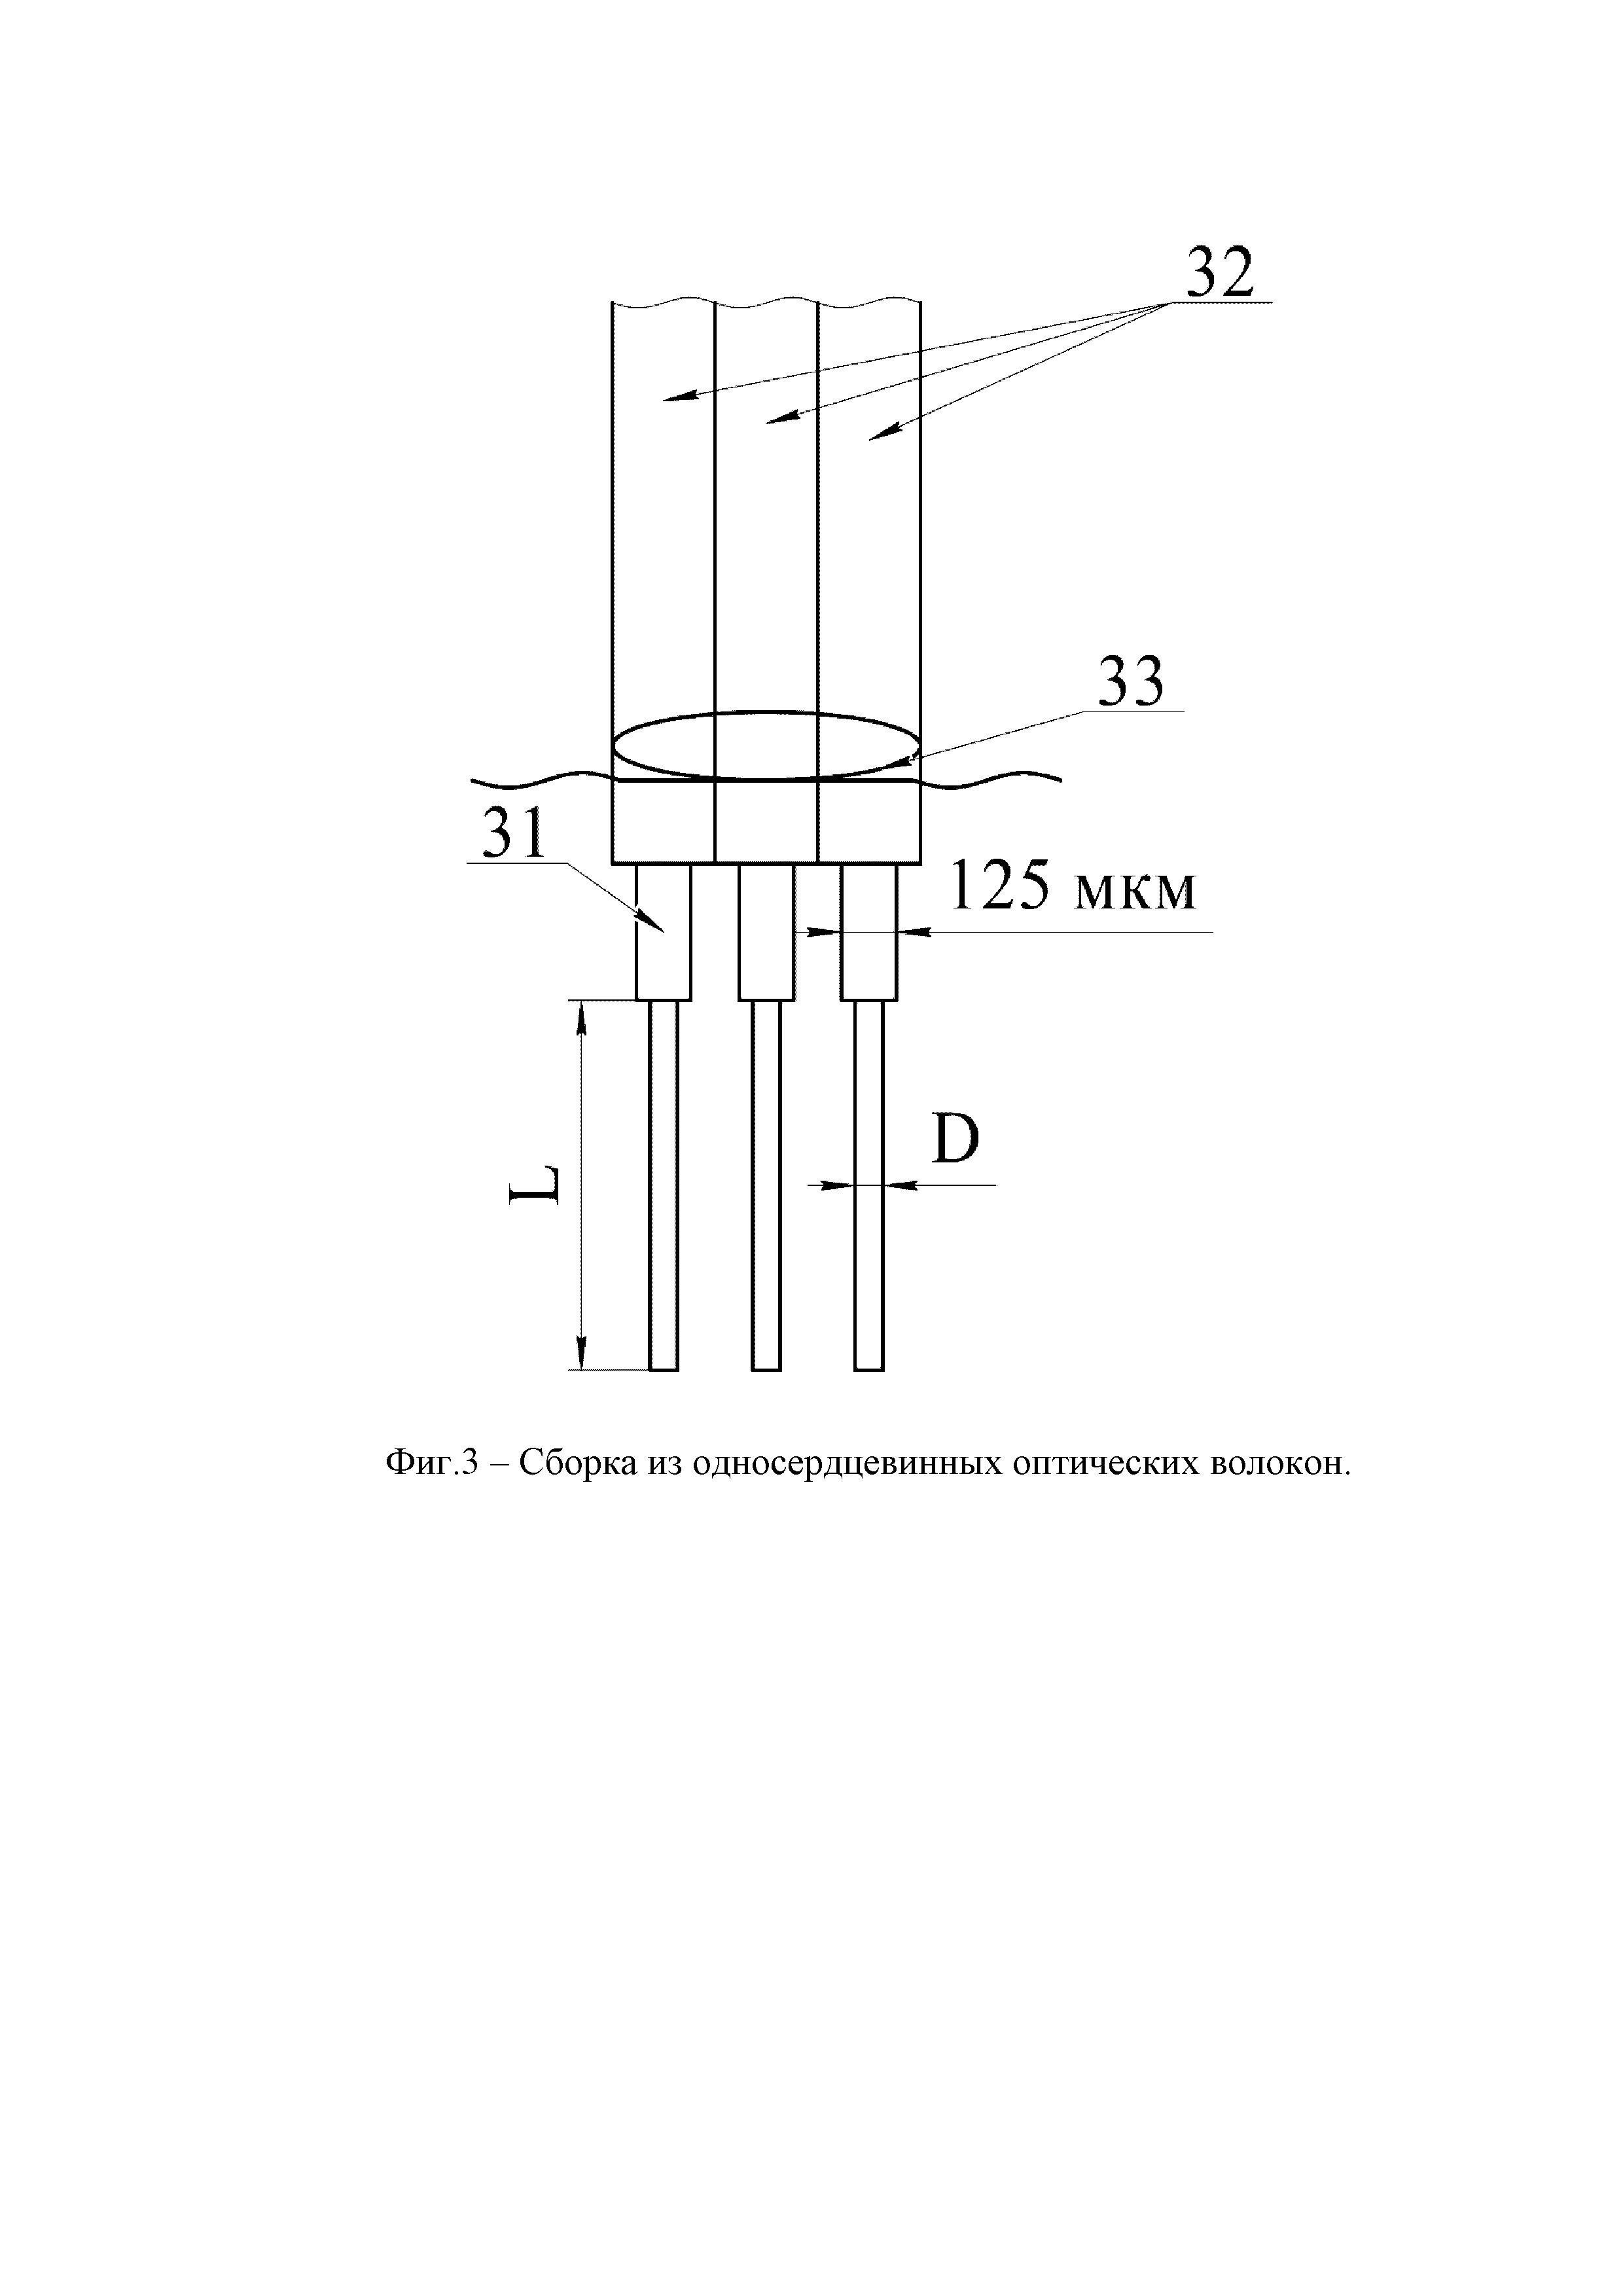 Способ изготовления устройства ввода-вывода для многосердцевинного оптического волокна